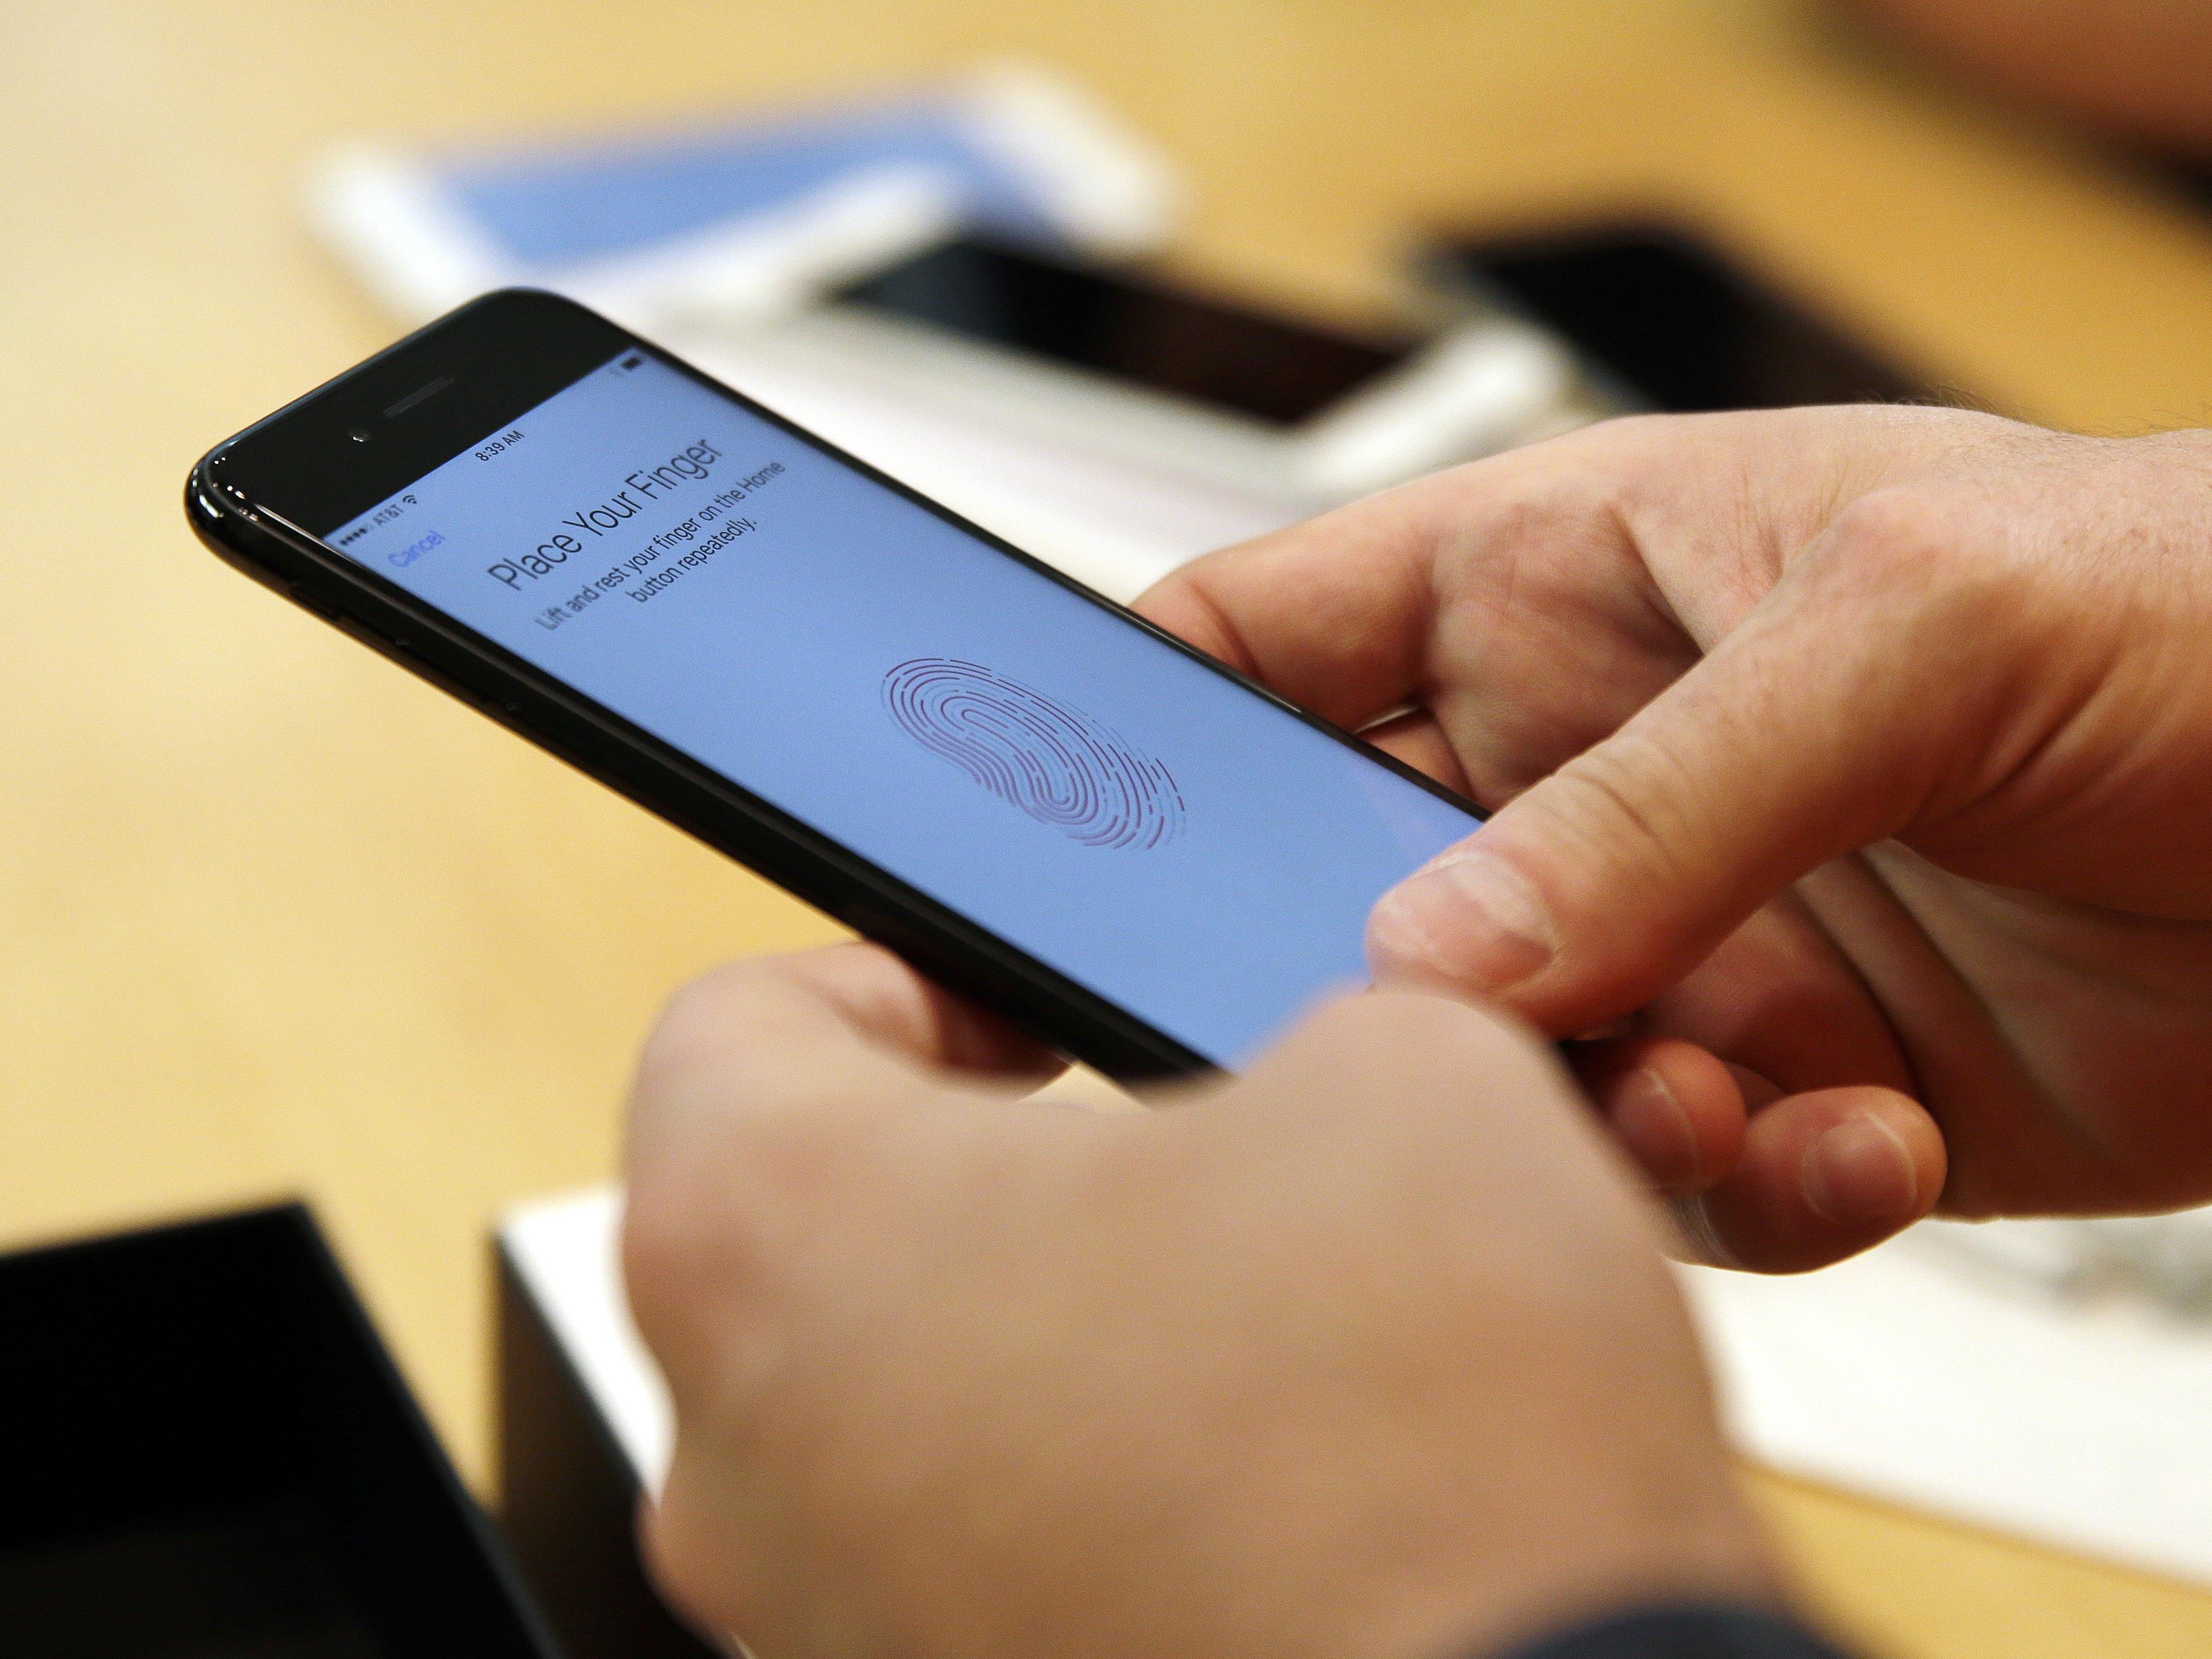 Ein iPhone 7 ist offenbar auf dem Weg zum Kunden explodiert.